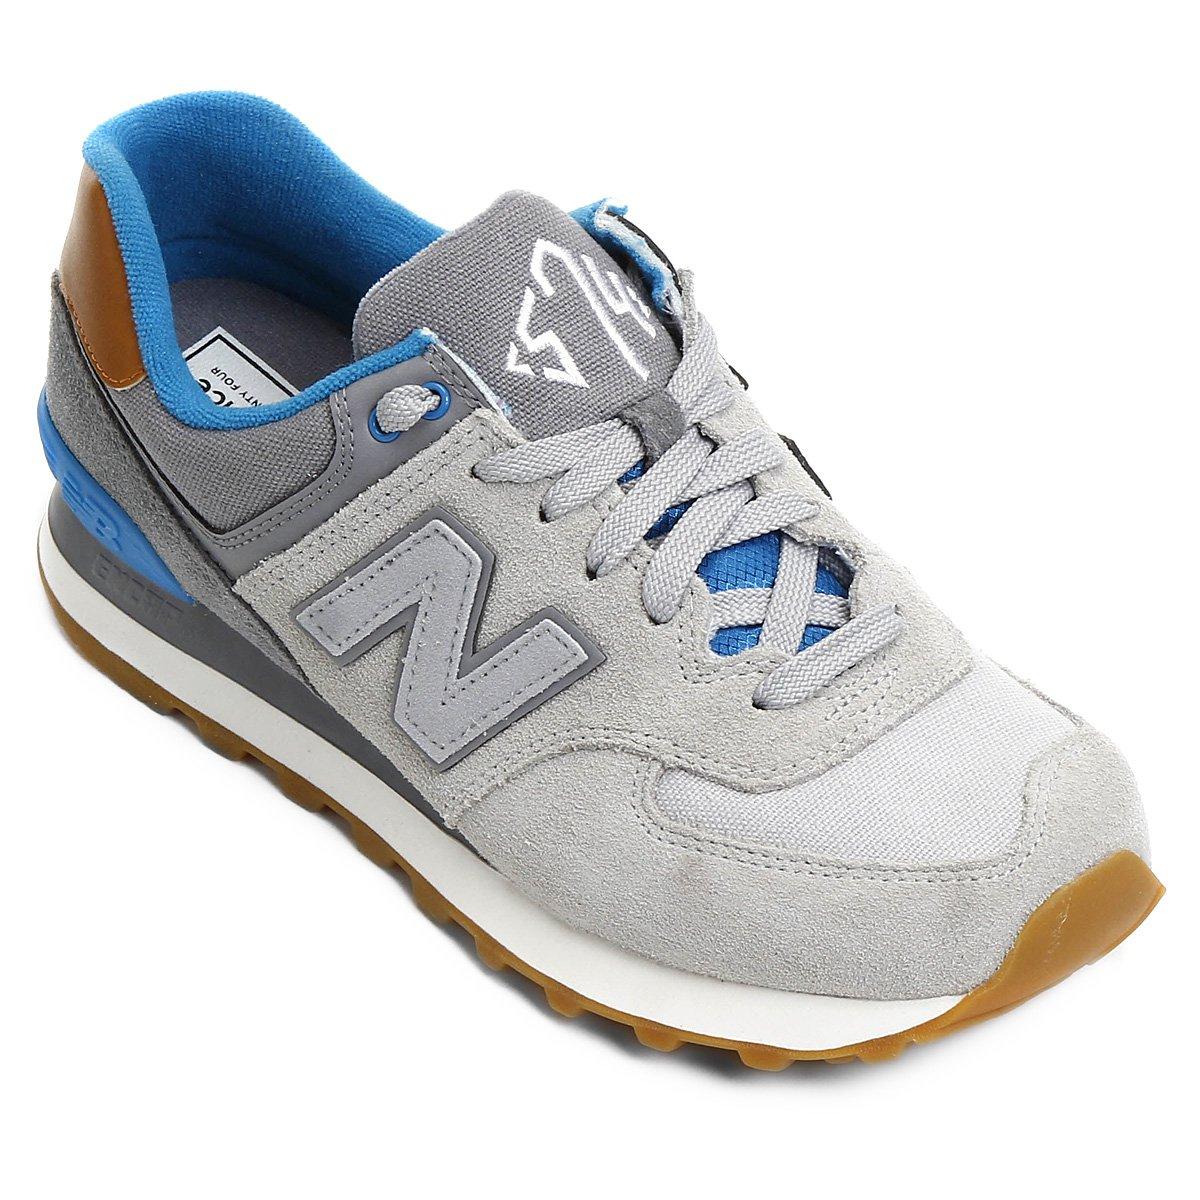 6e57c8d36c4 Tênis New Balance 574 New England - Compre Agora